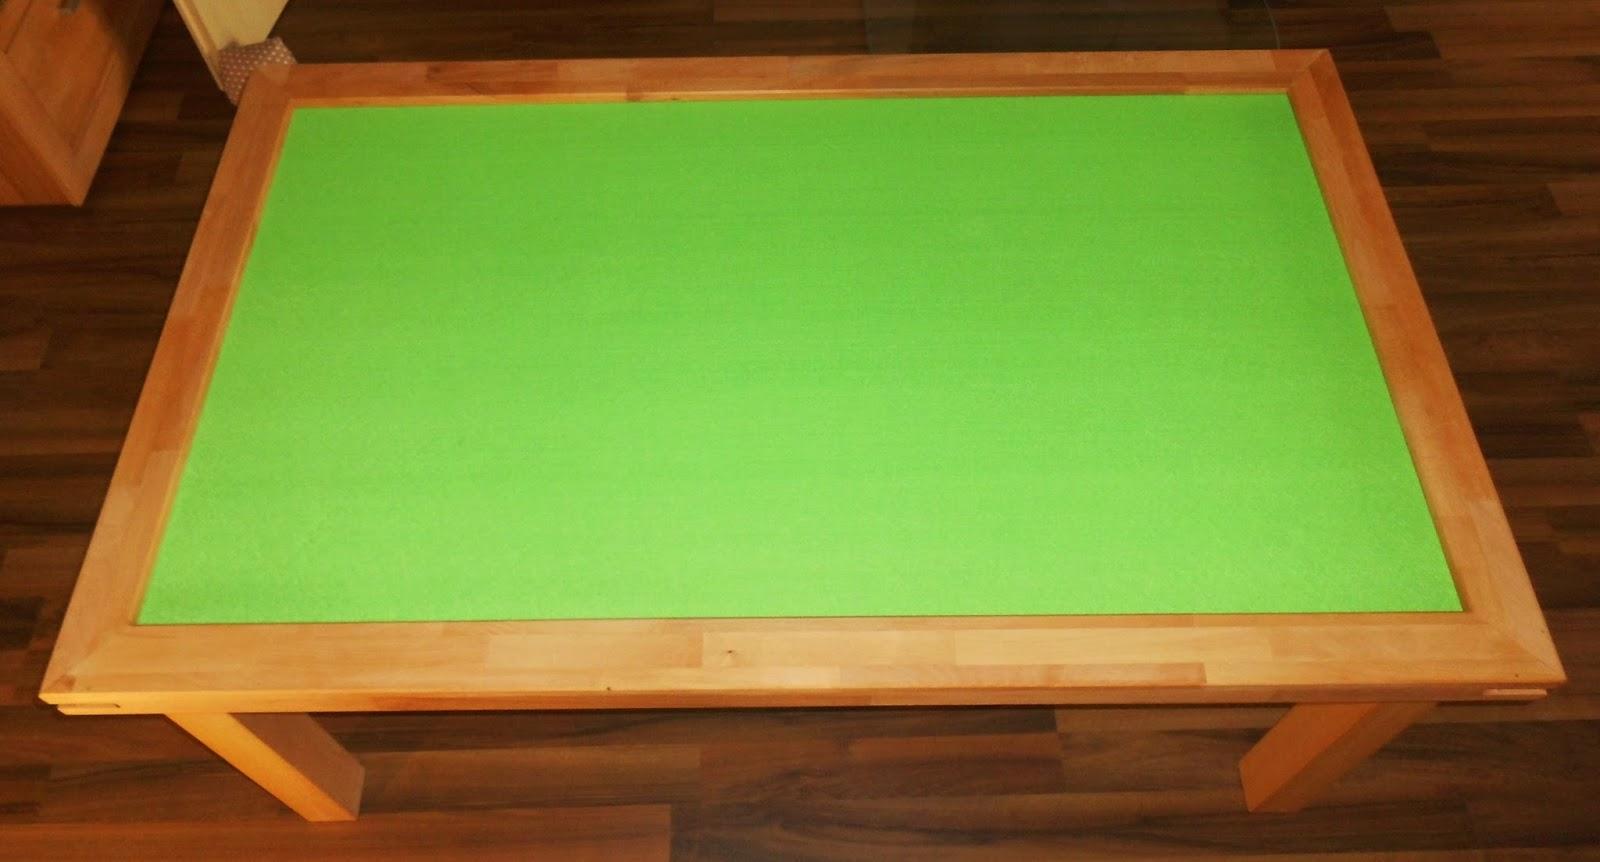 brettspiel empfehlungen vom esstisch zum spieltisch. Black Bedroom Furniture Sets. Home Design Ideas